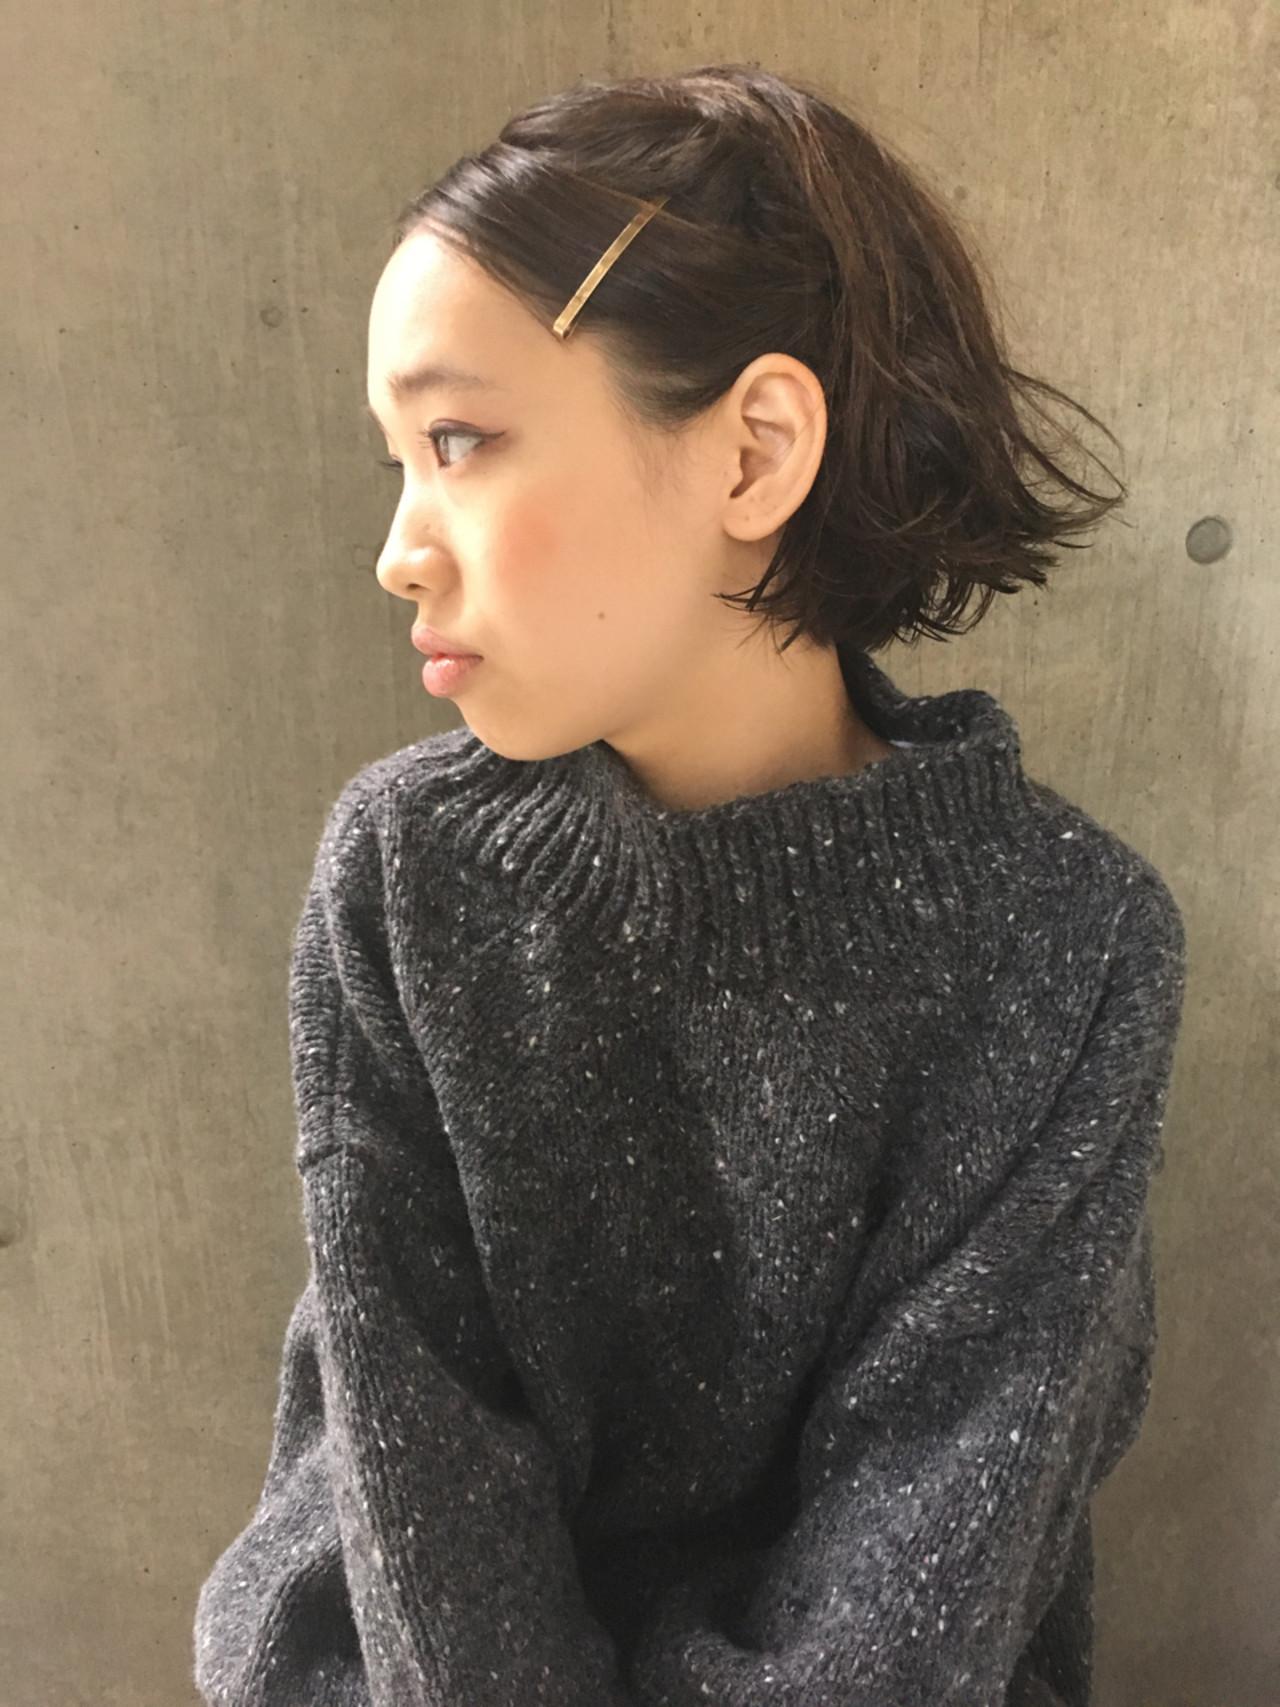 オルチャンから大人気!黒髪の切りっぱなしボブスタイル♡ 永井 美菜子 bibito